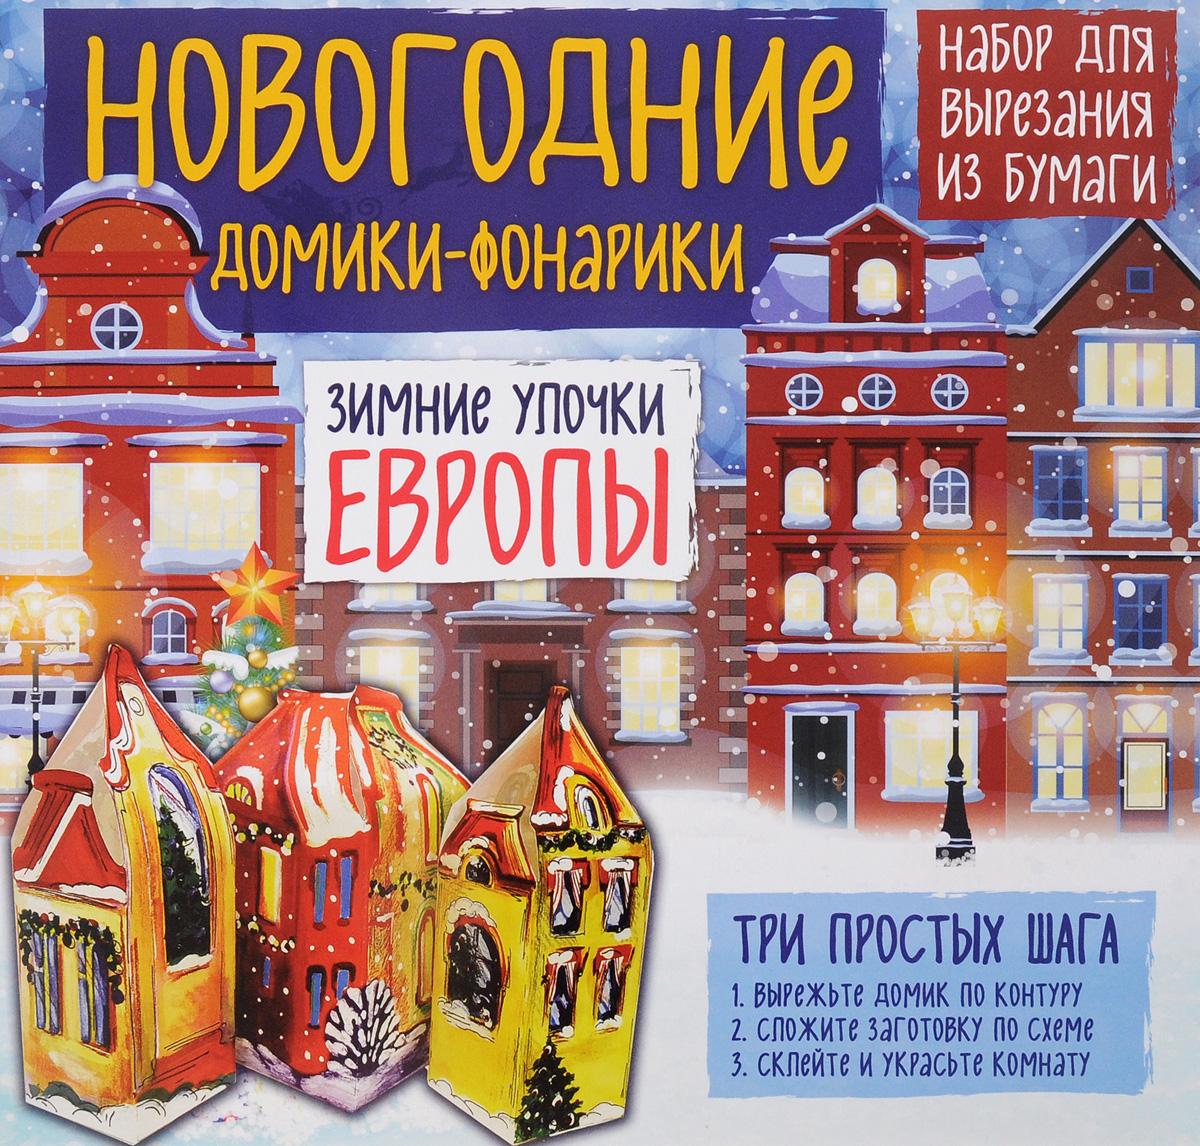 Зимние улочки Европы. Новогодние домики-фонарики